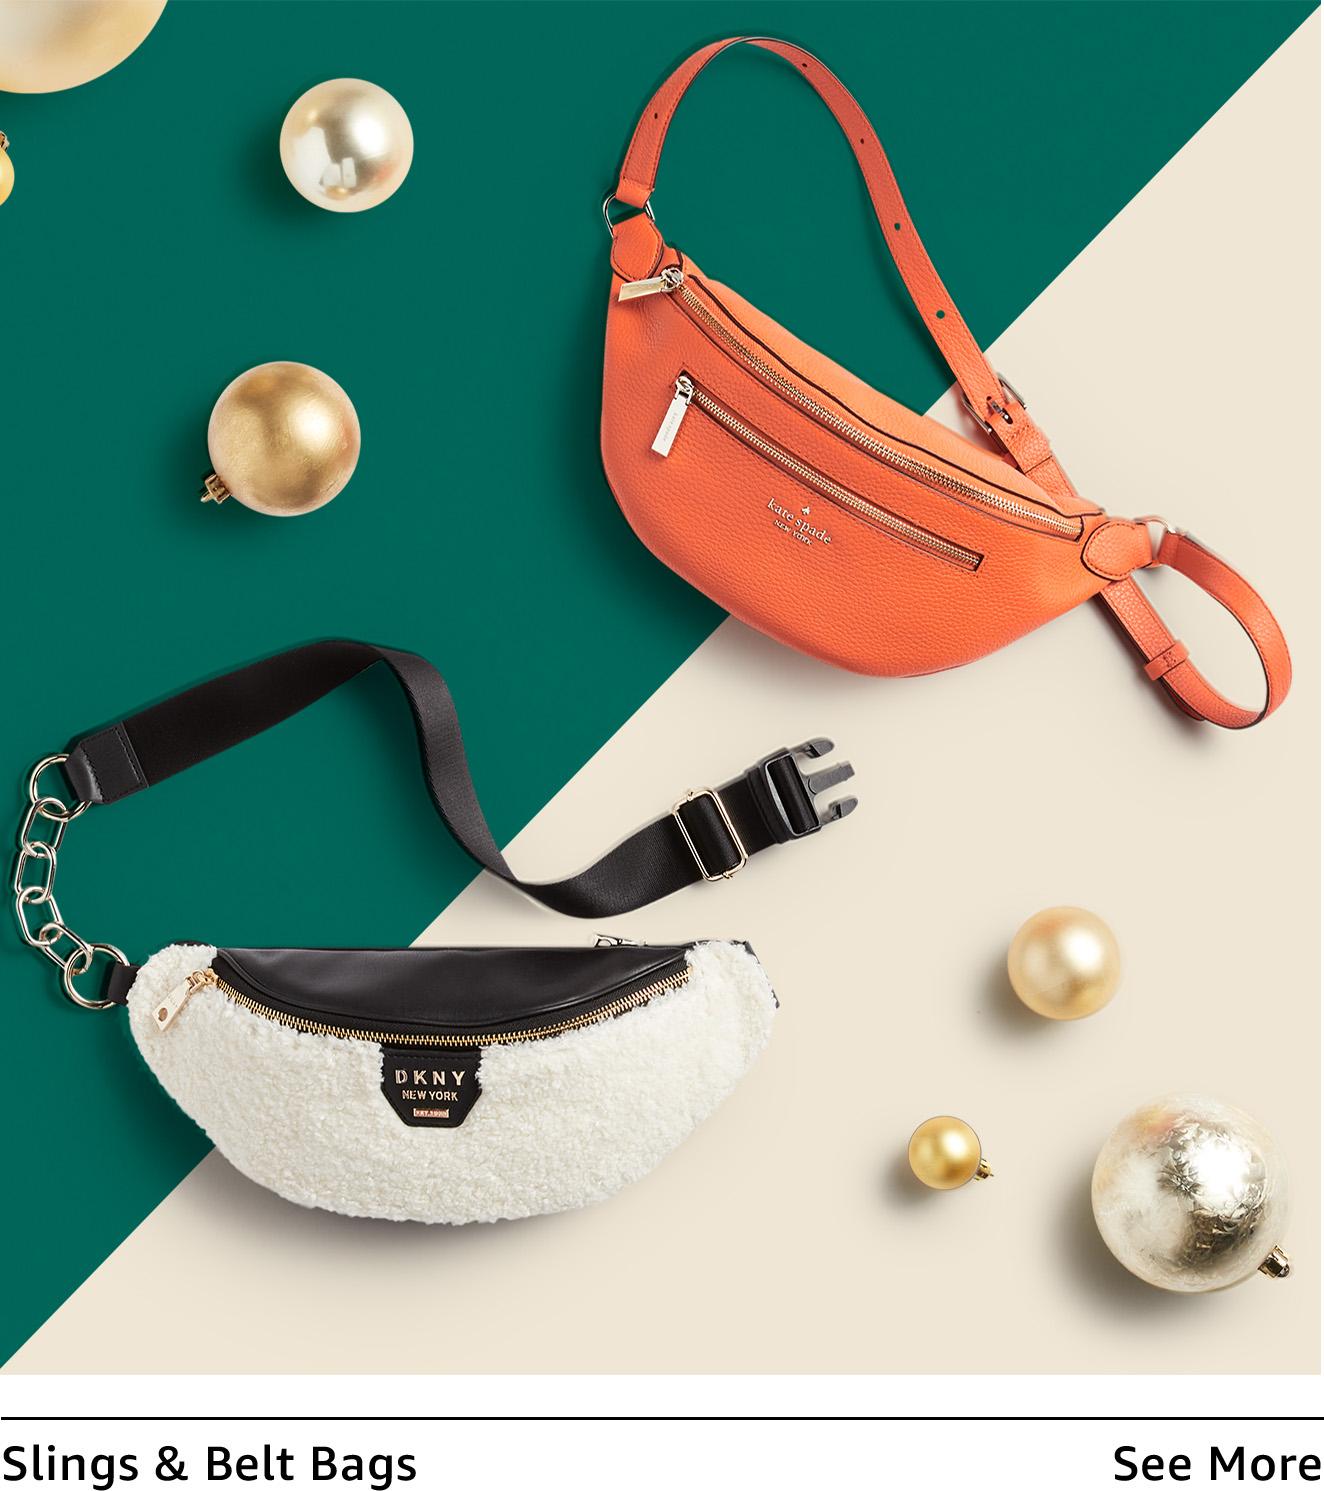 Slings & Belt Bags